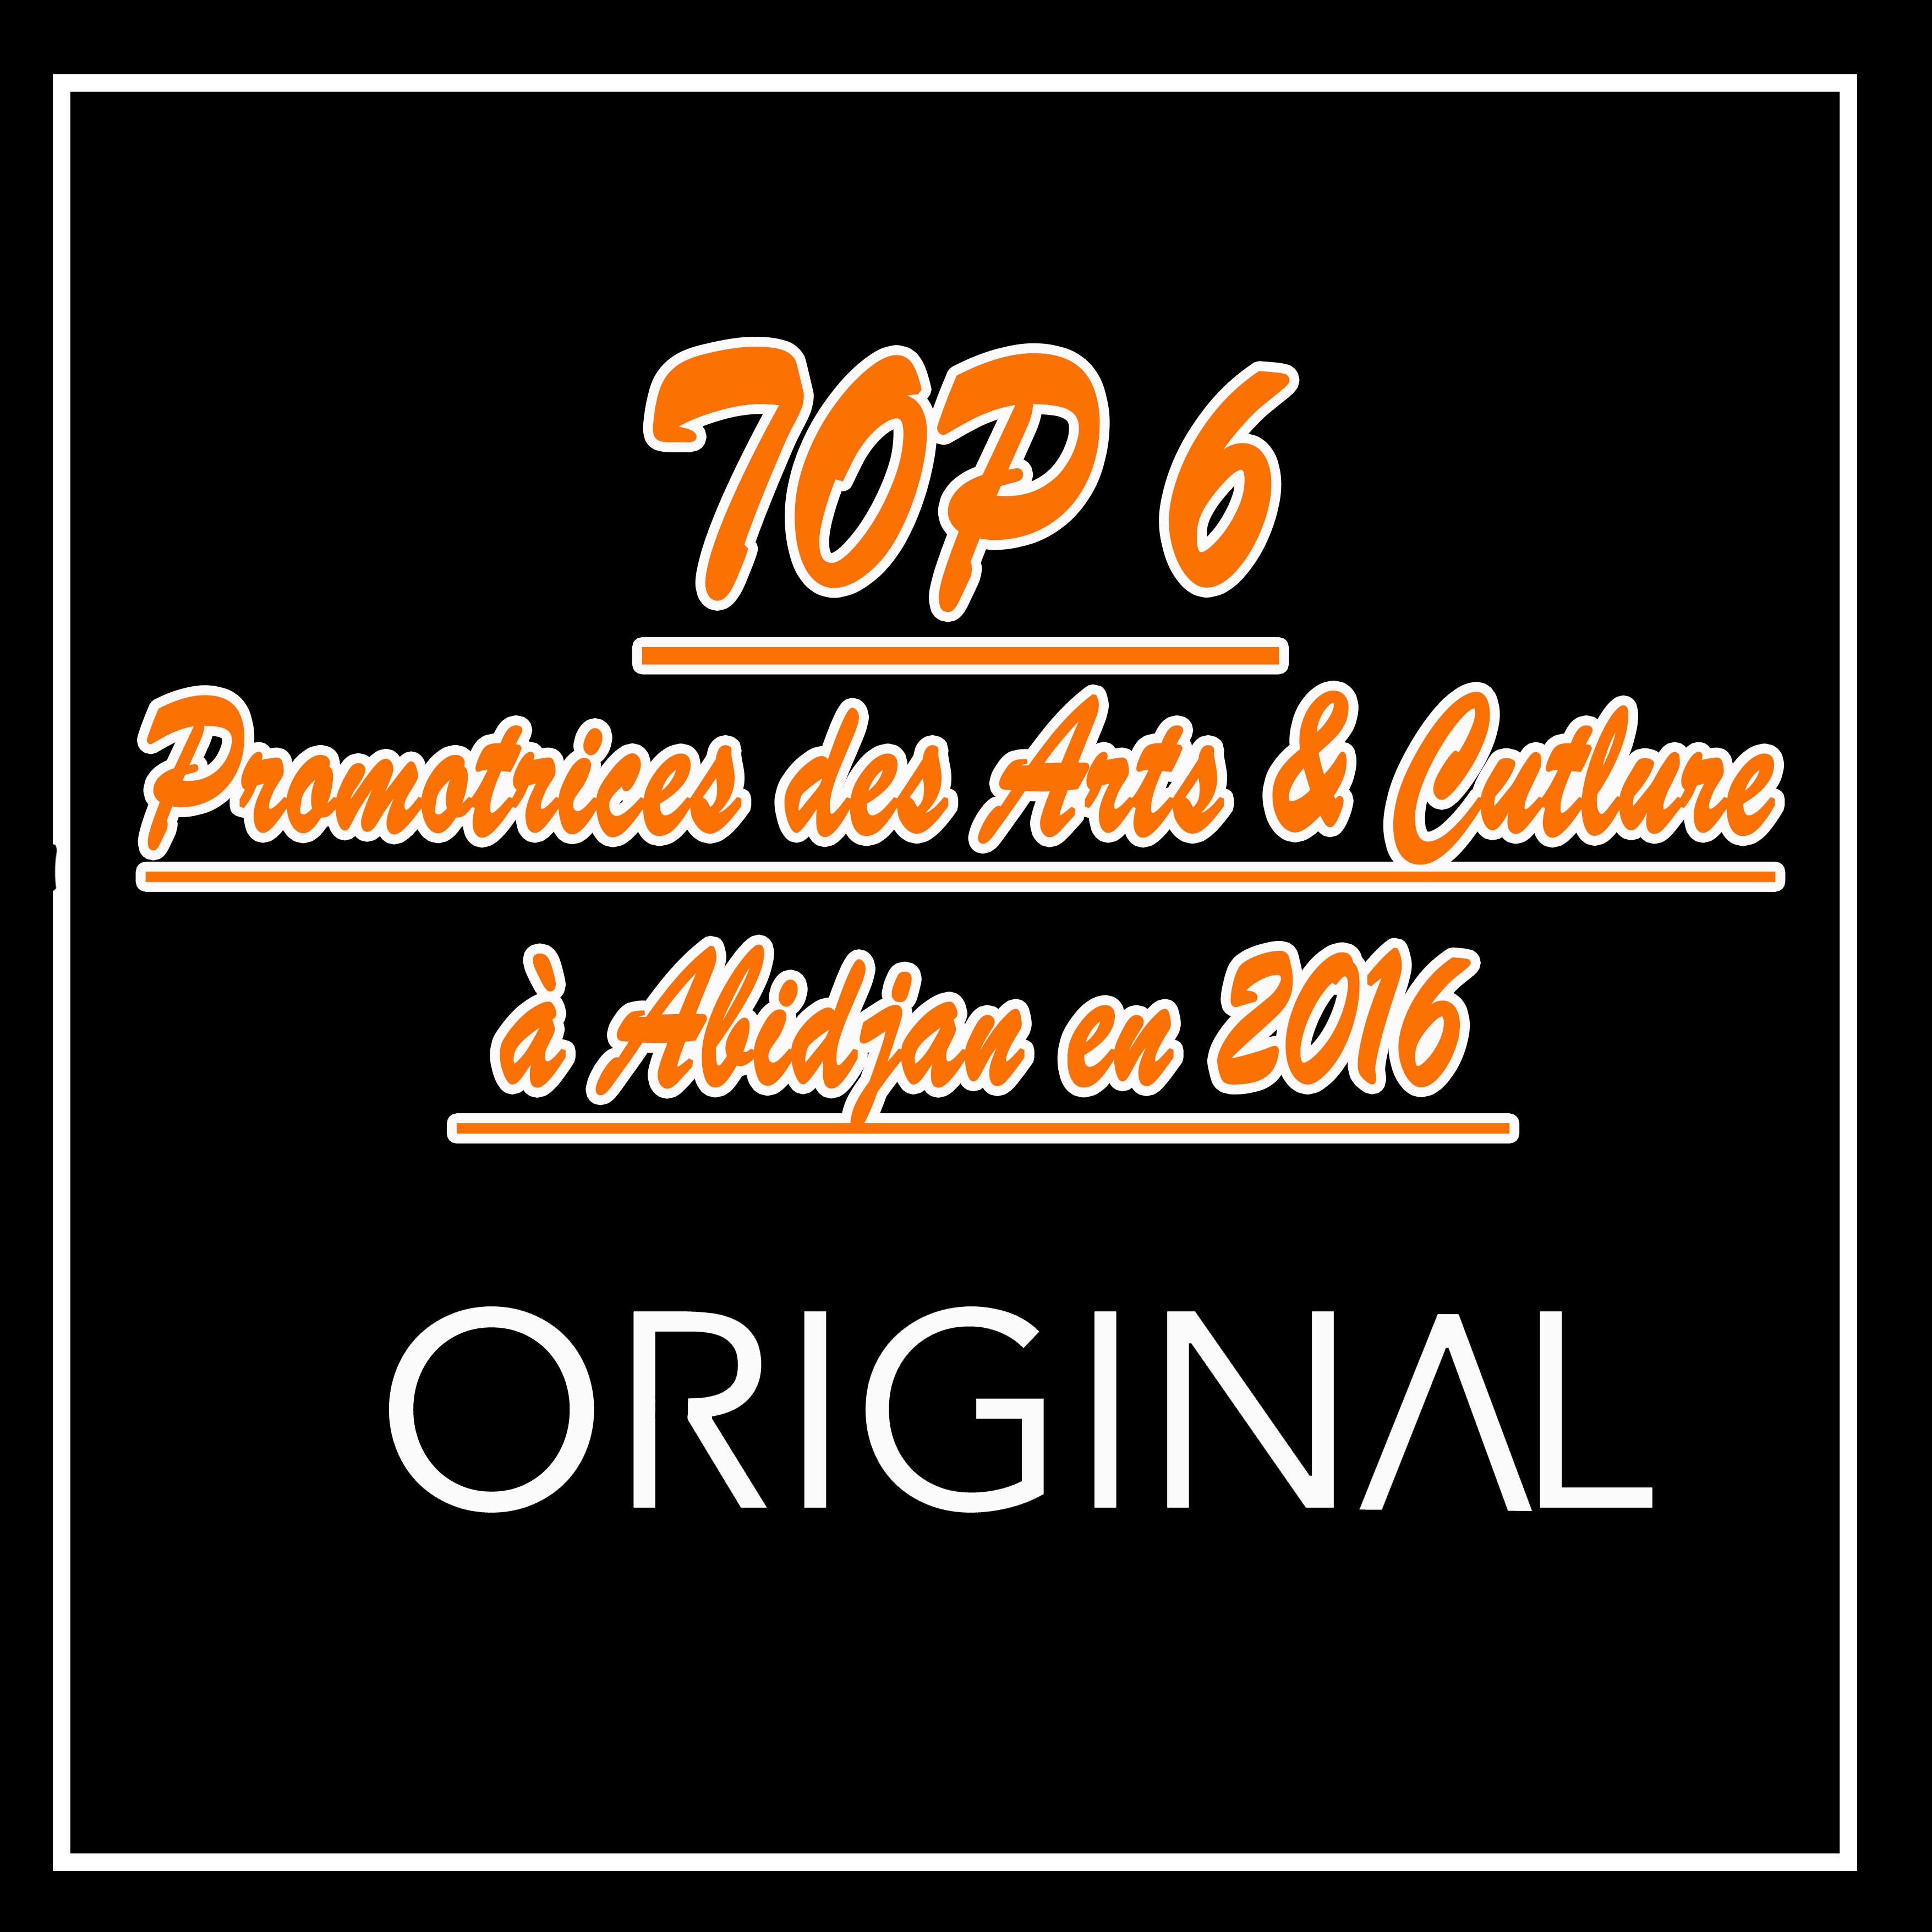 TOP 6 de promotrices d'art et de culture en Côte d'Ivoire selon ORIGINVL pour l'année 2016